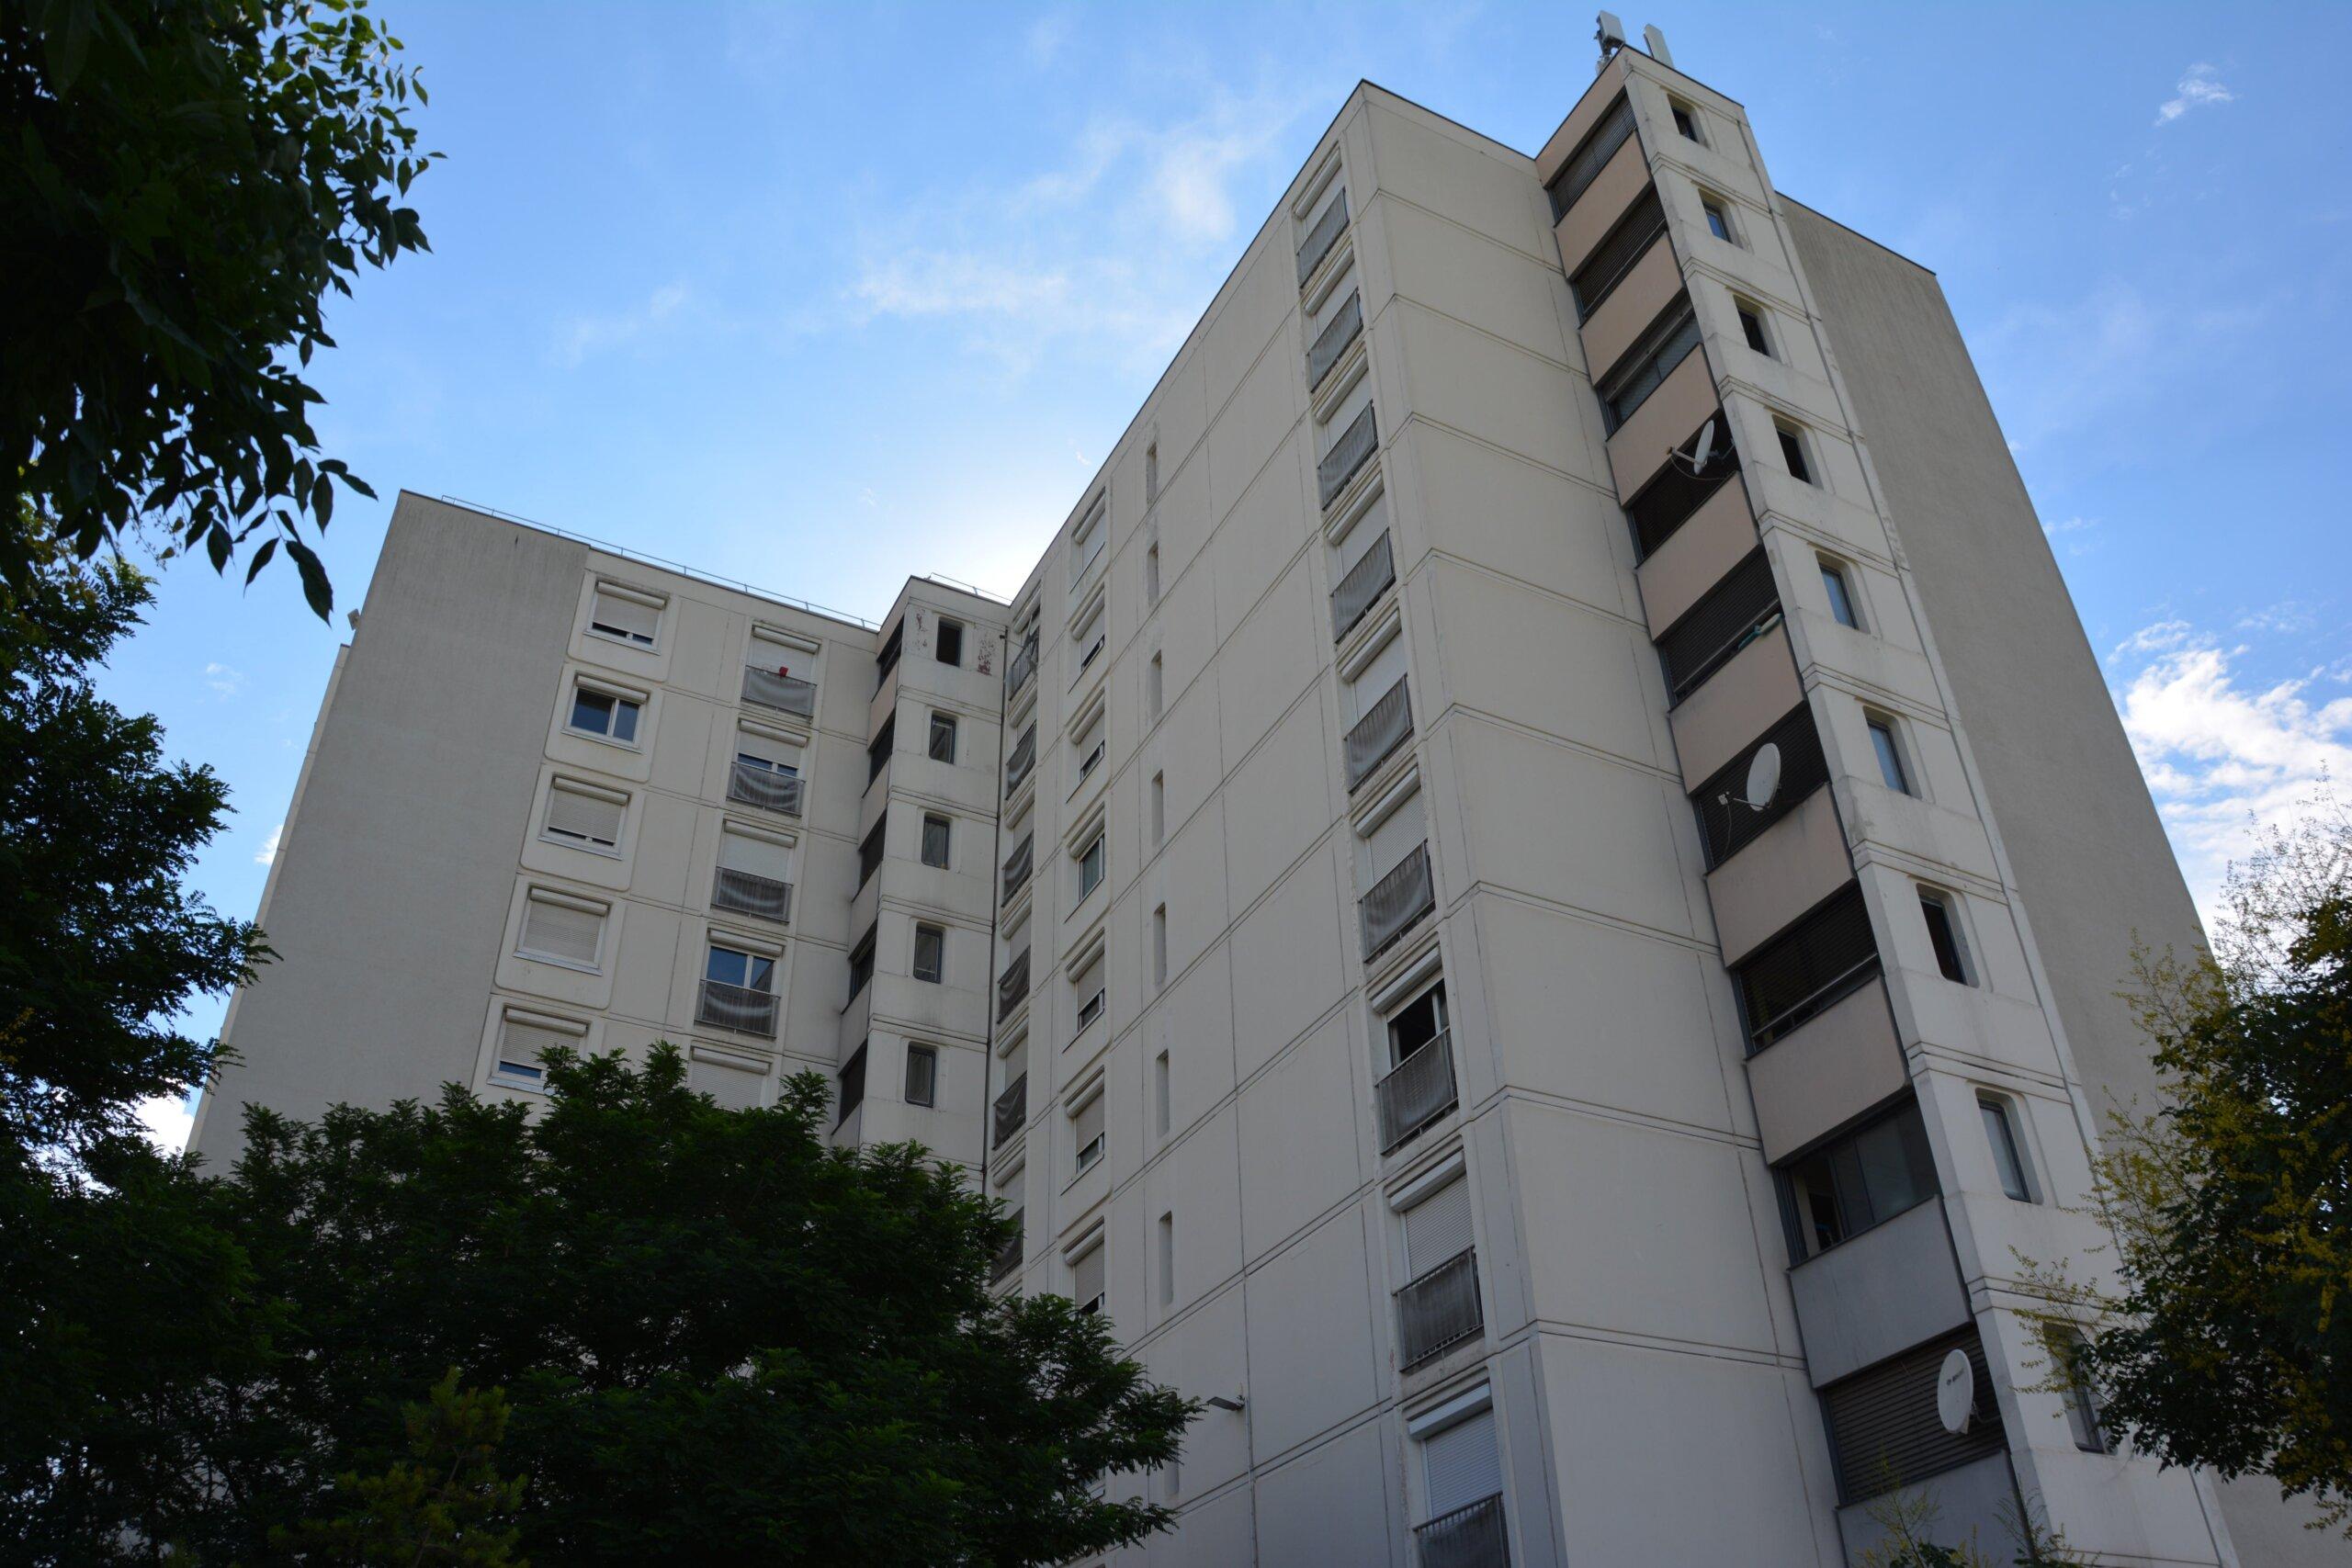 La barre d'immeuble de Santé commune.